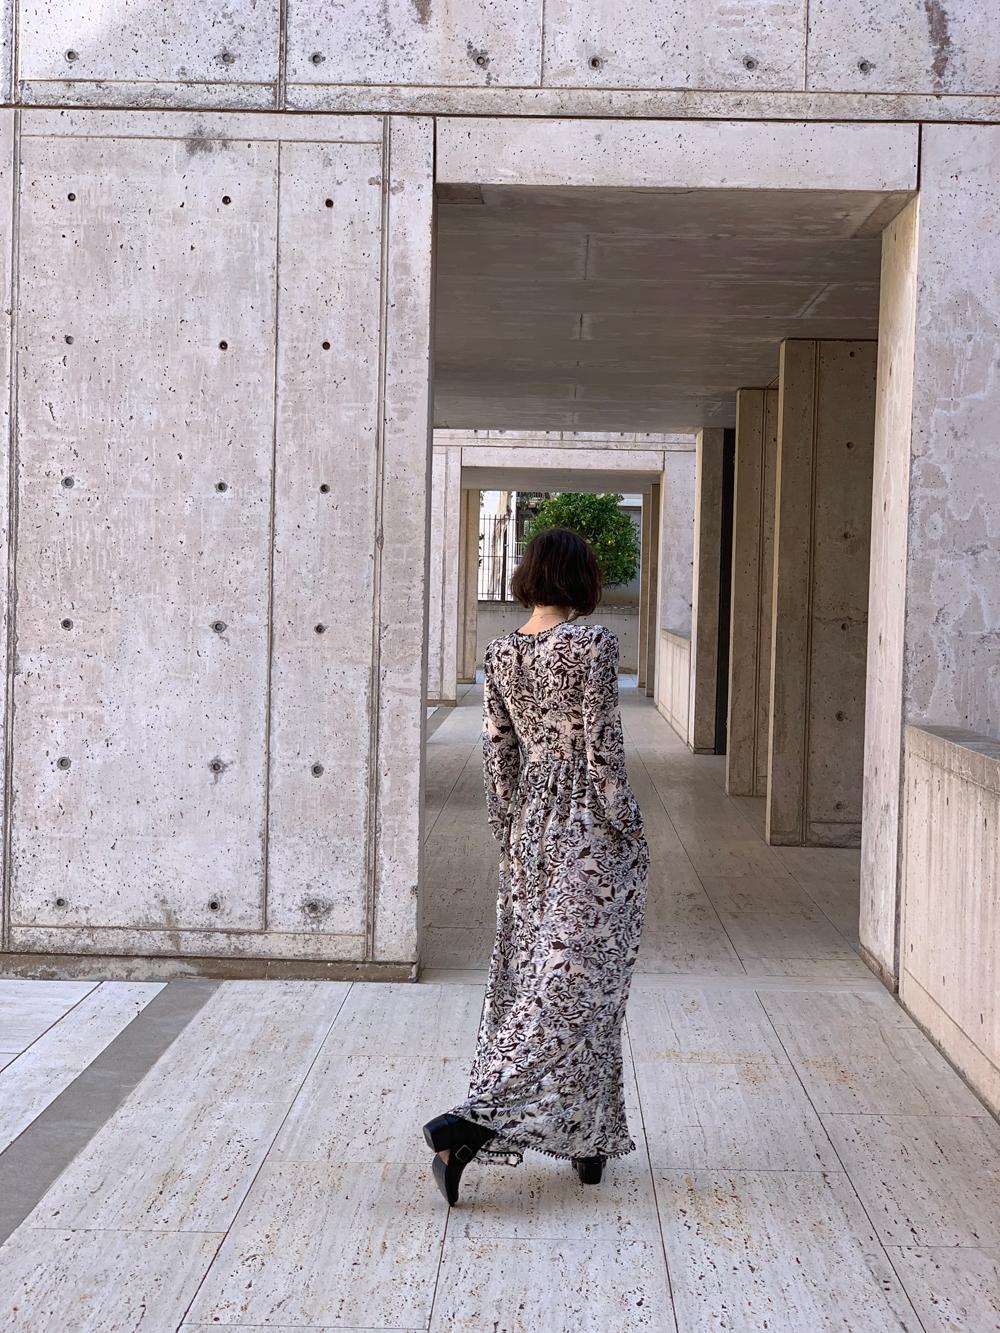 sonrisa war im November 2018 Los Angeles und hat Dir viele Tipps aus der Stadt der Engel mitgebracht.